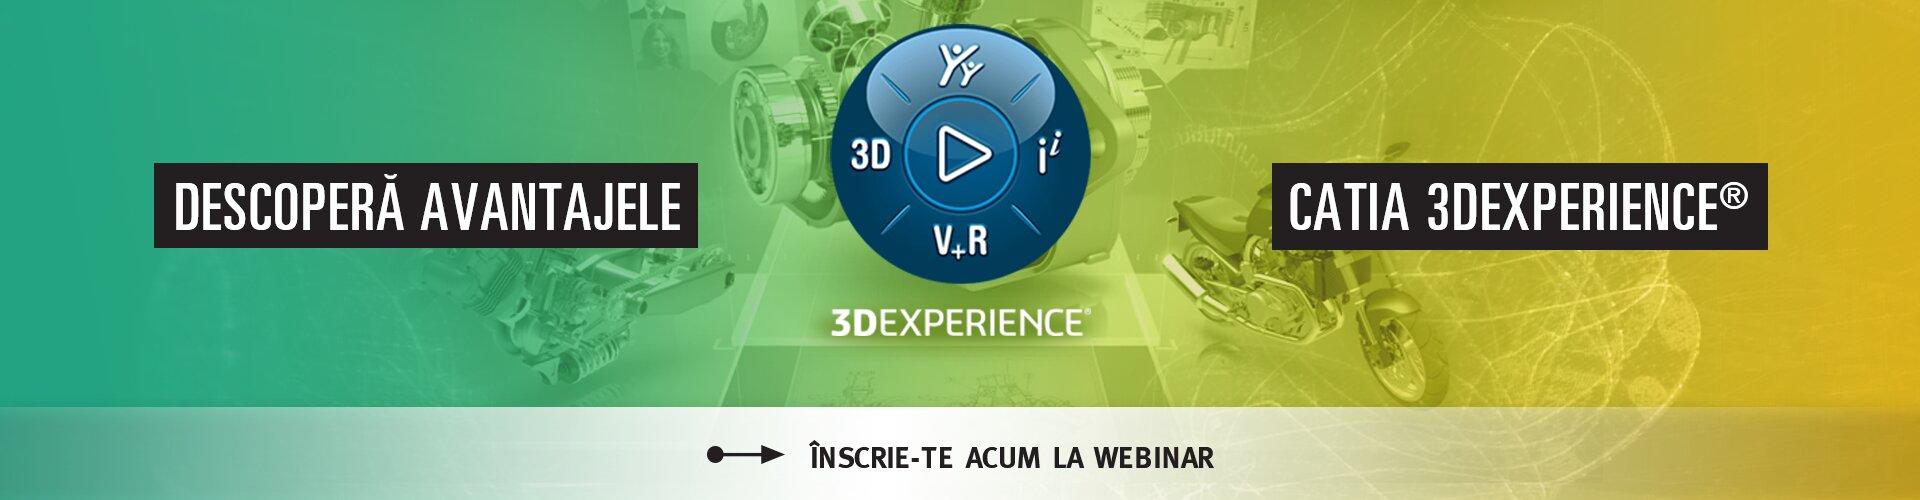 Avantaje CATIA 3DEXPERIENCE